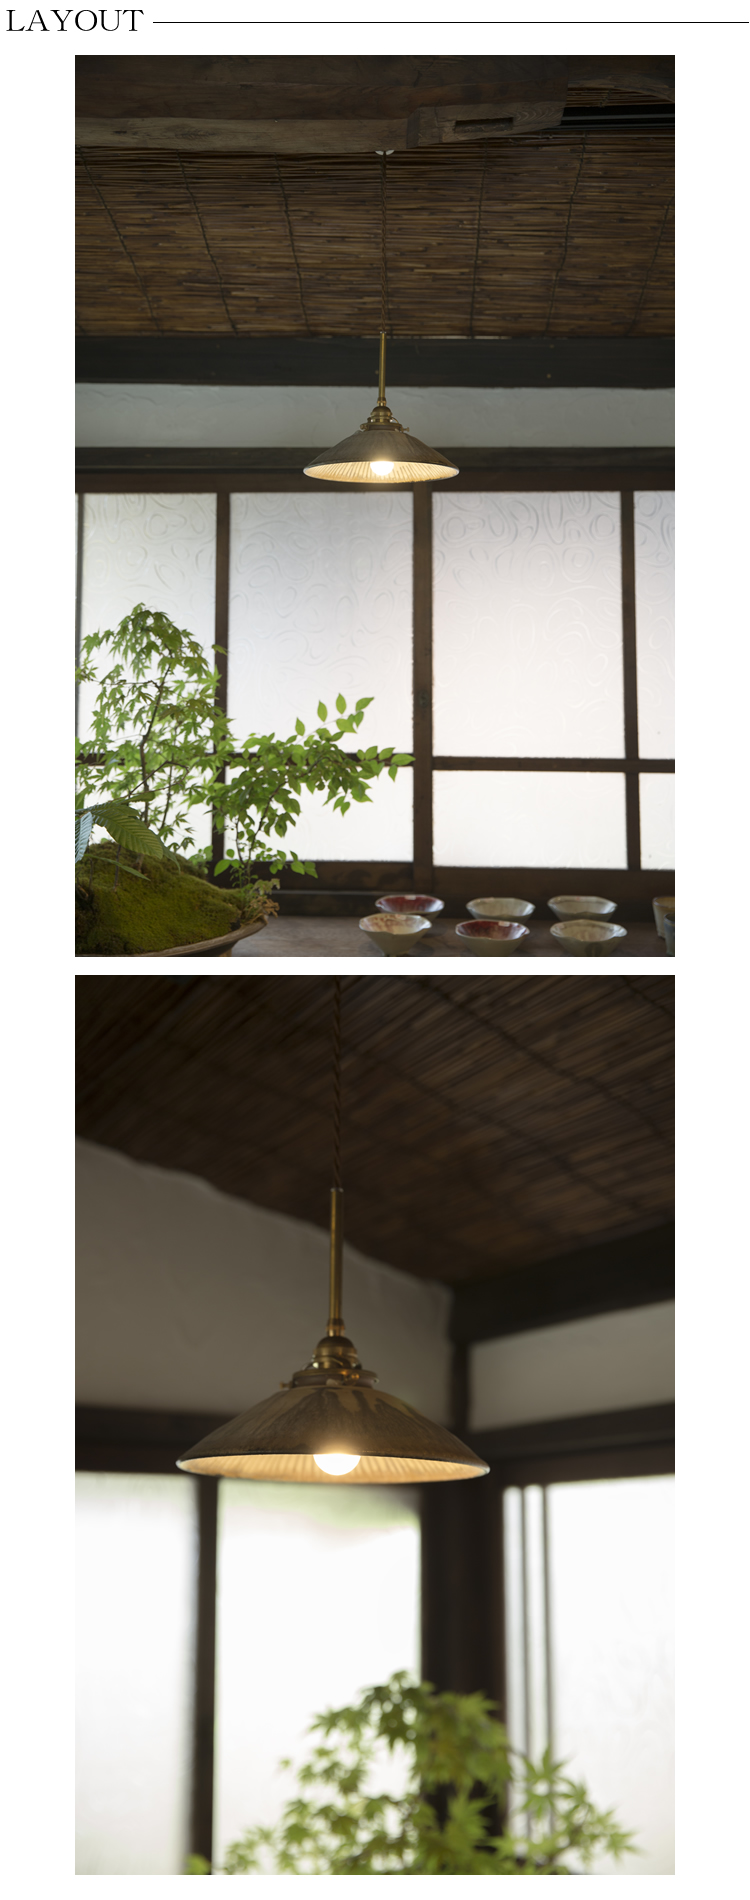 UTENA(青模様陶器・ダクト・真鍮)